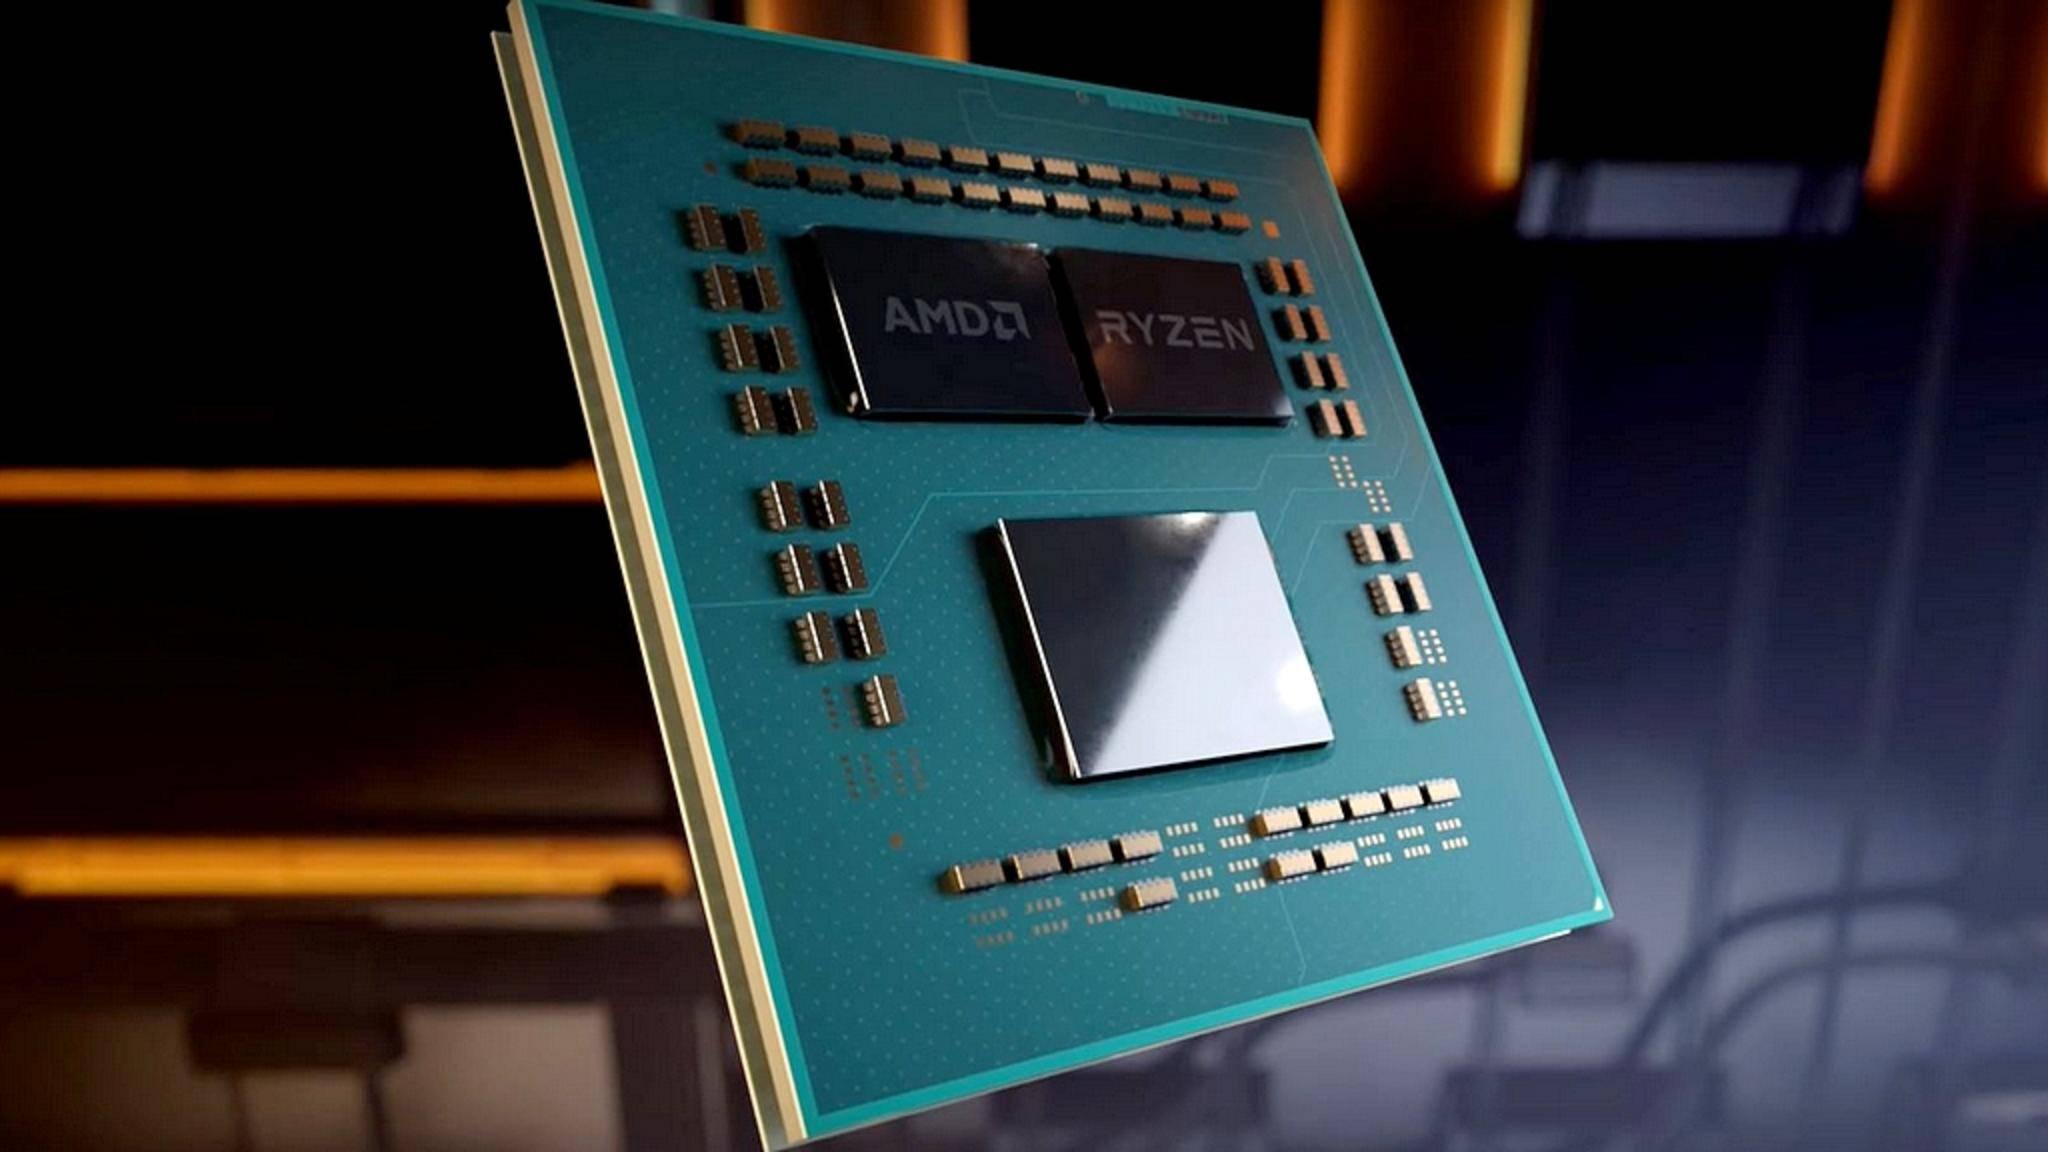 Neben Ryzen könnte AMD auch an ARM-Prozessoren arbeiten.